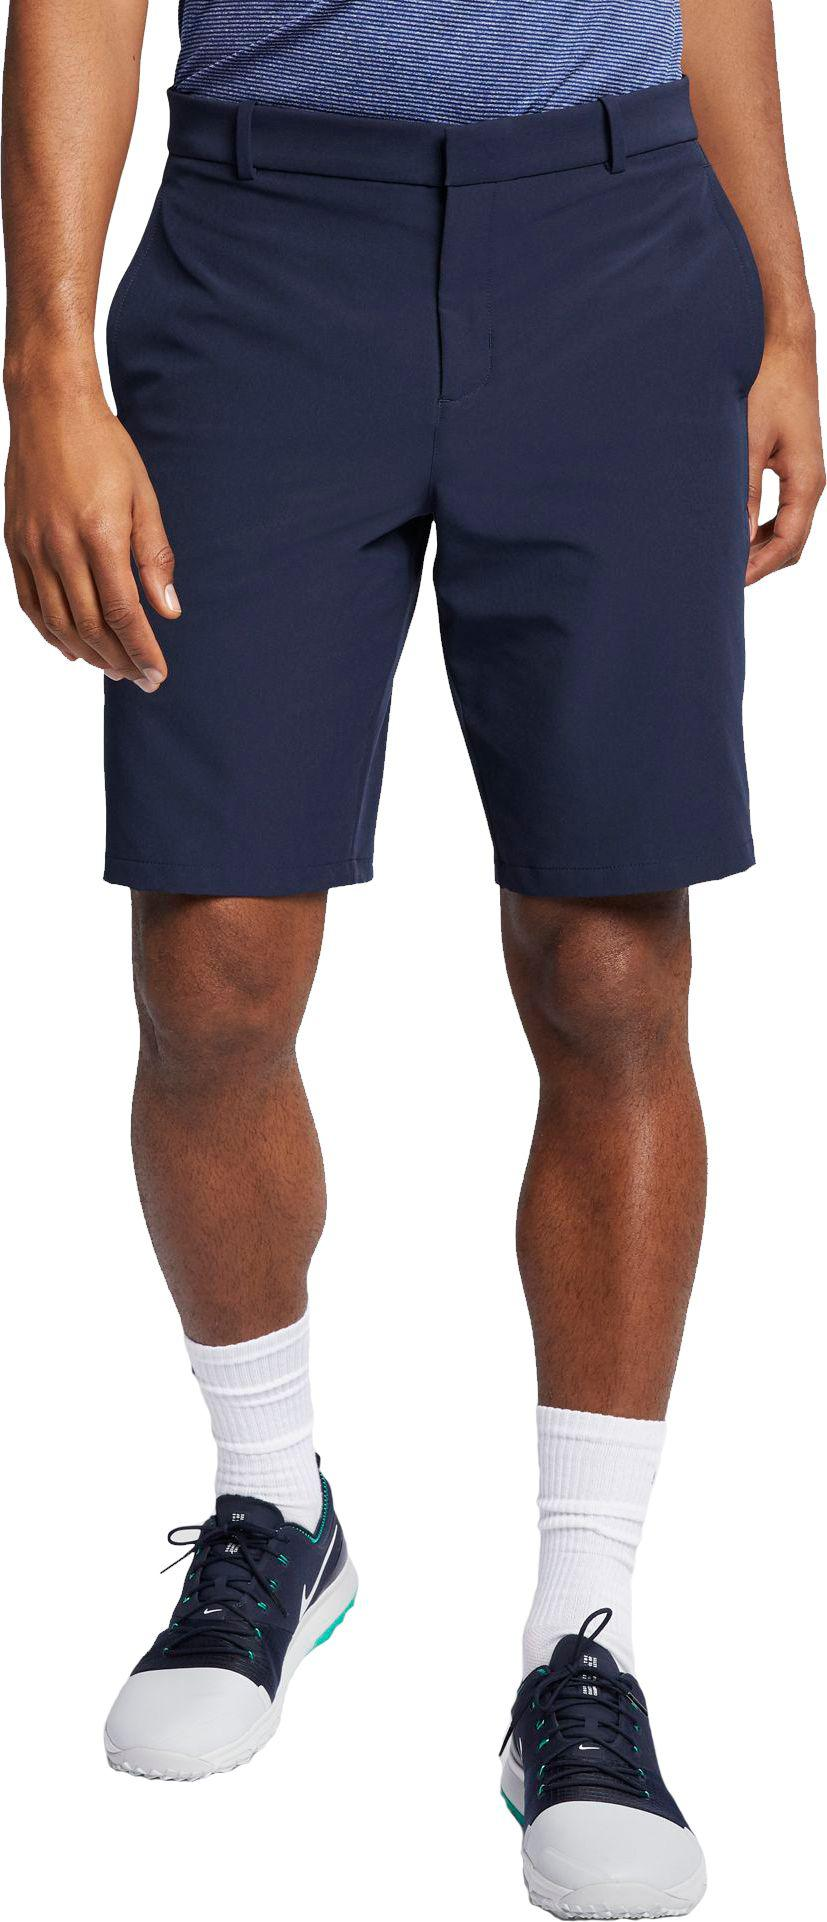 2a3c55ac872 Lyst - Nike Hybrid Golf Shorts in Blue for Men